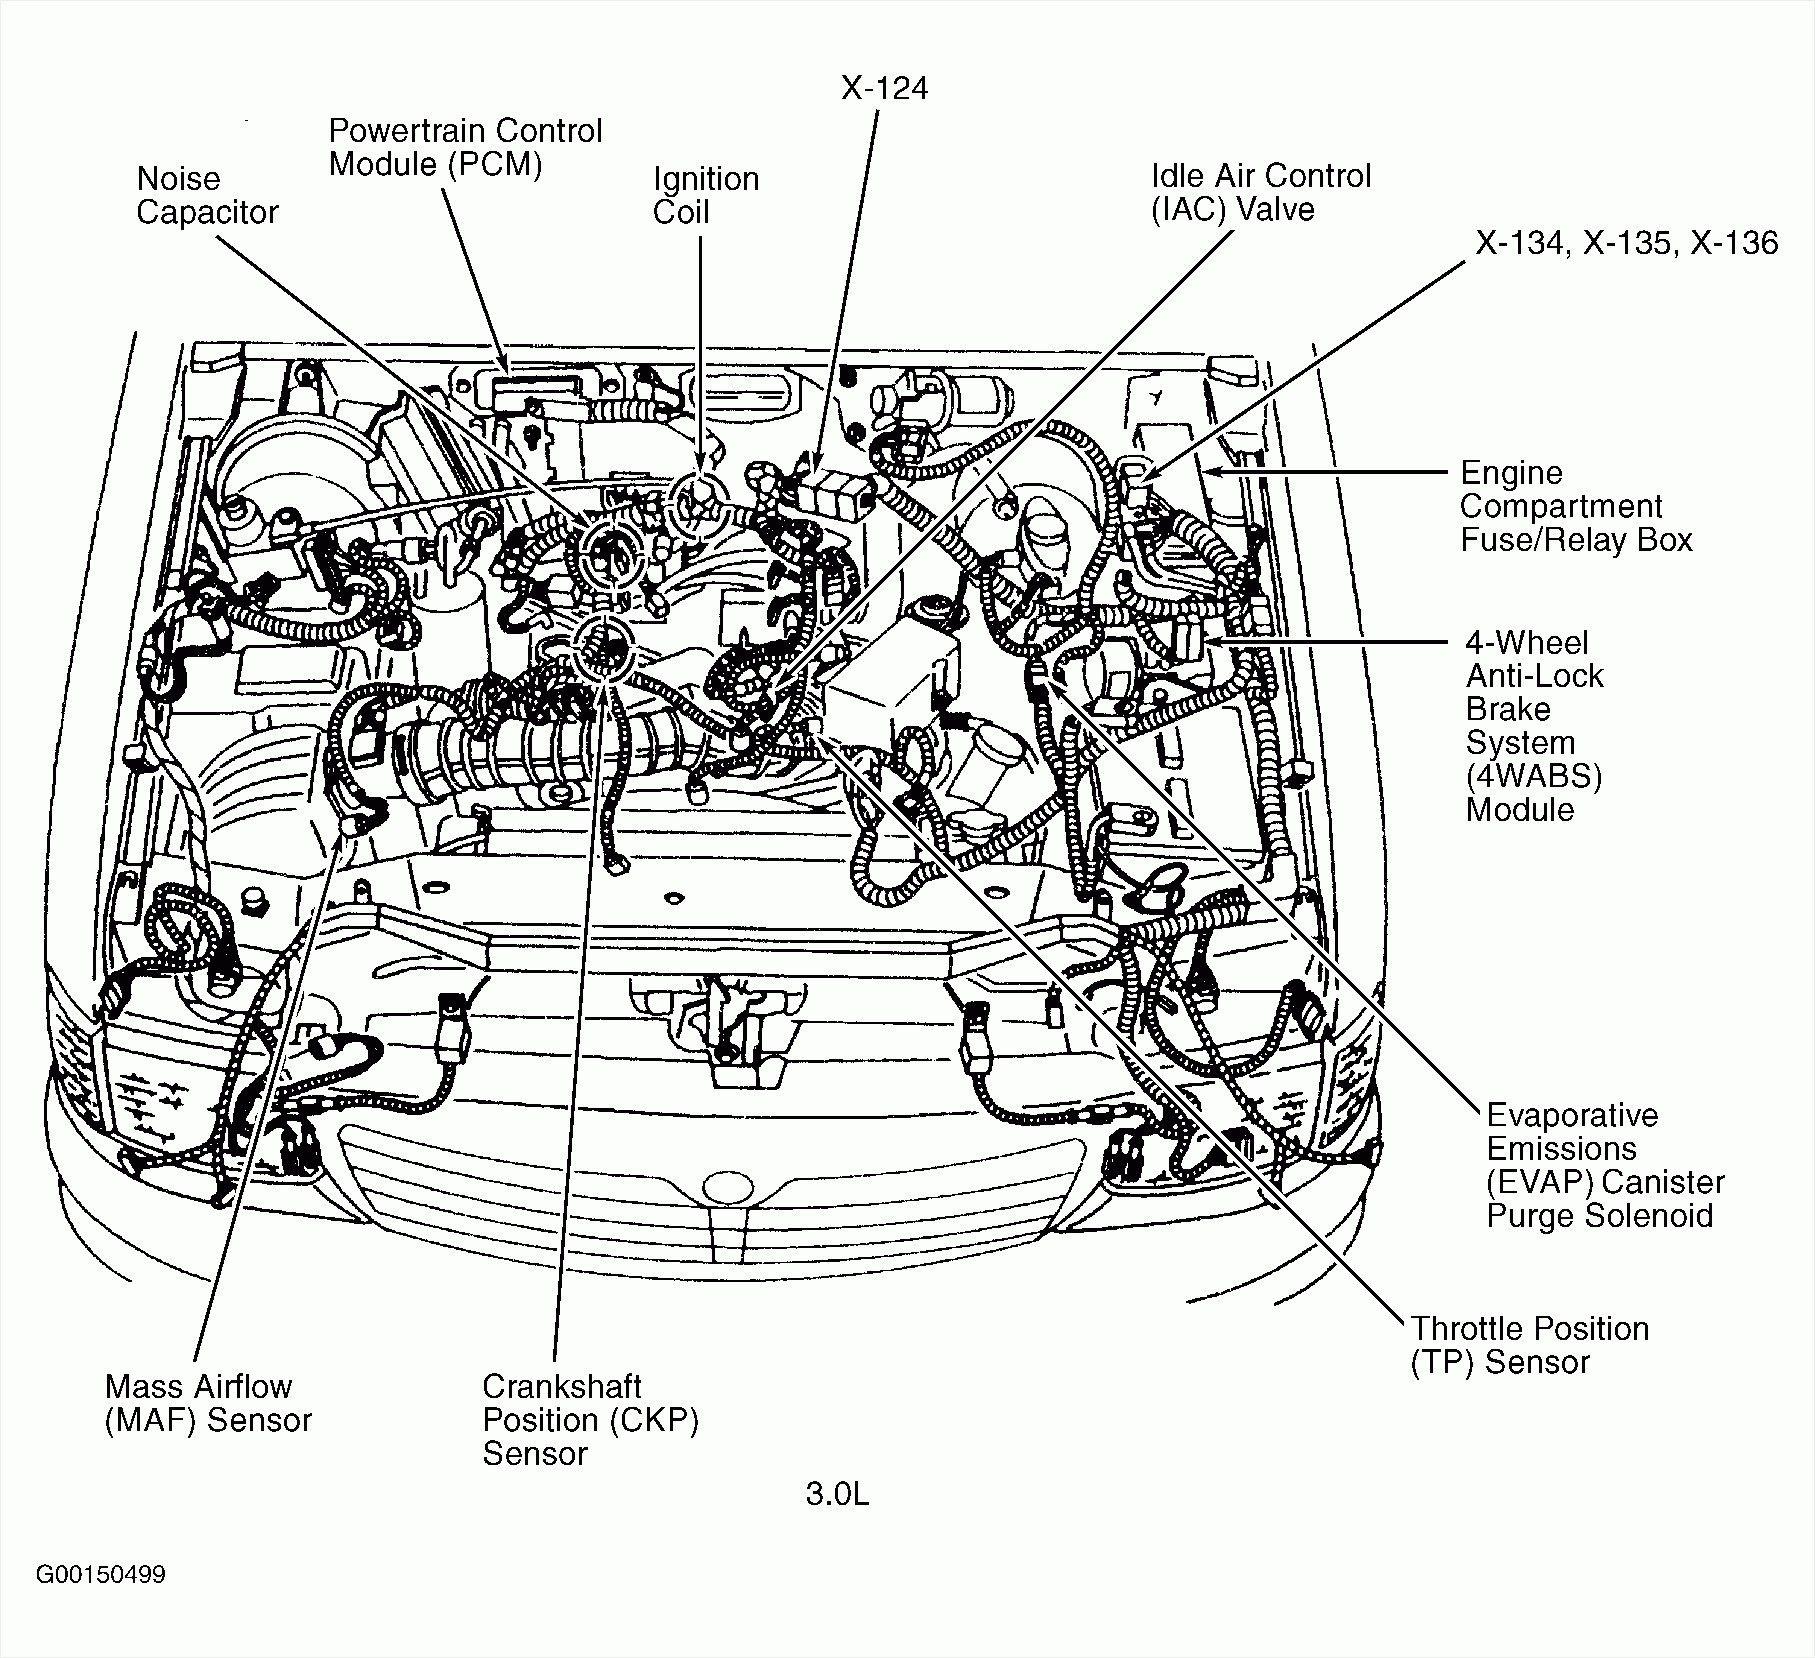 [DIAGRAM] Gm 3 6 V6 Engine Diagram